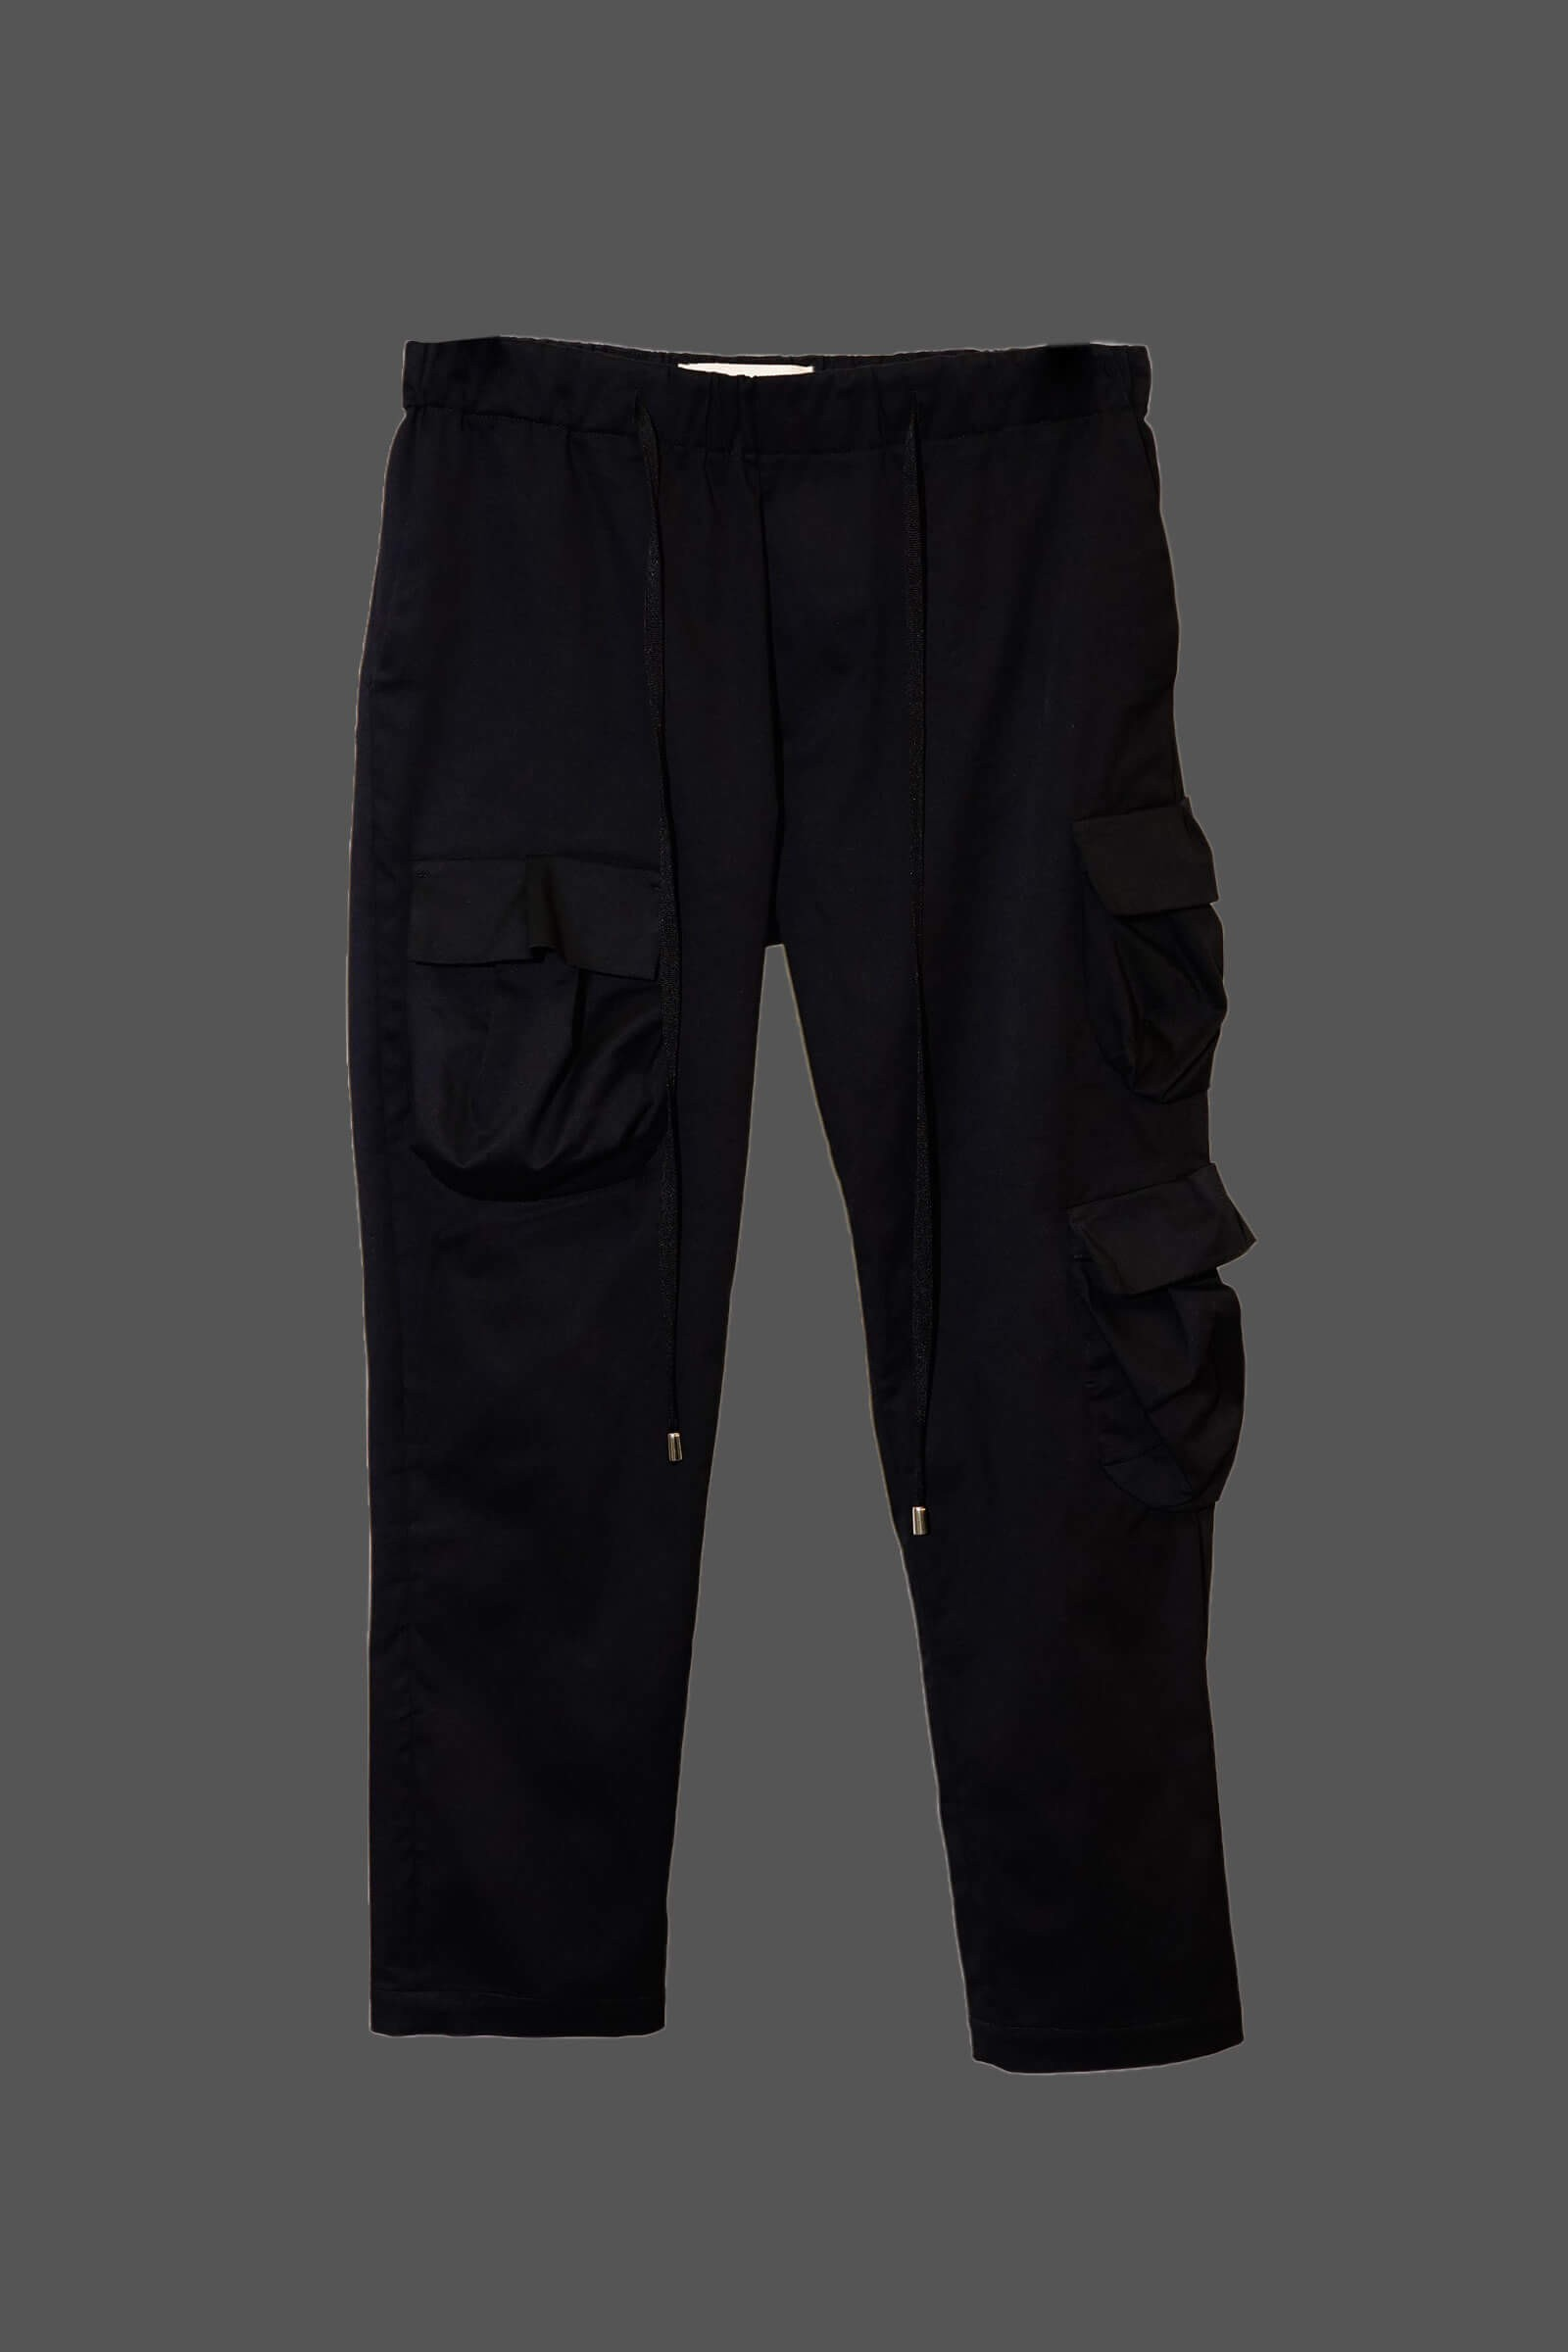 Pantalon cu buzunare aplicate